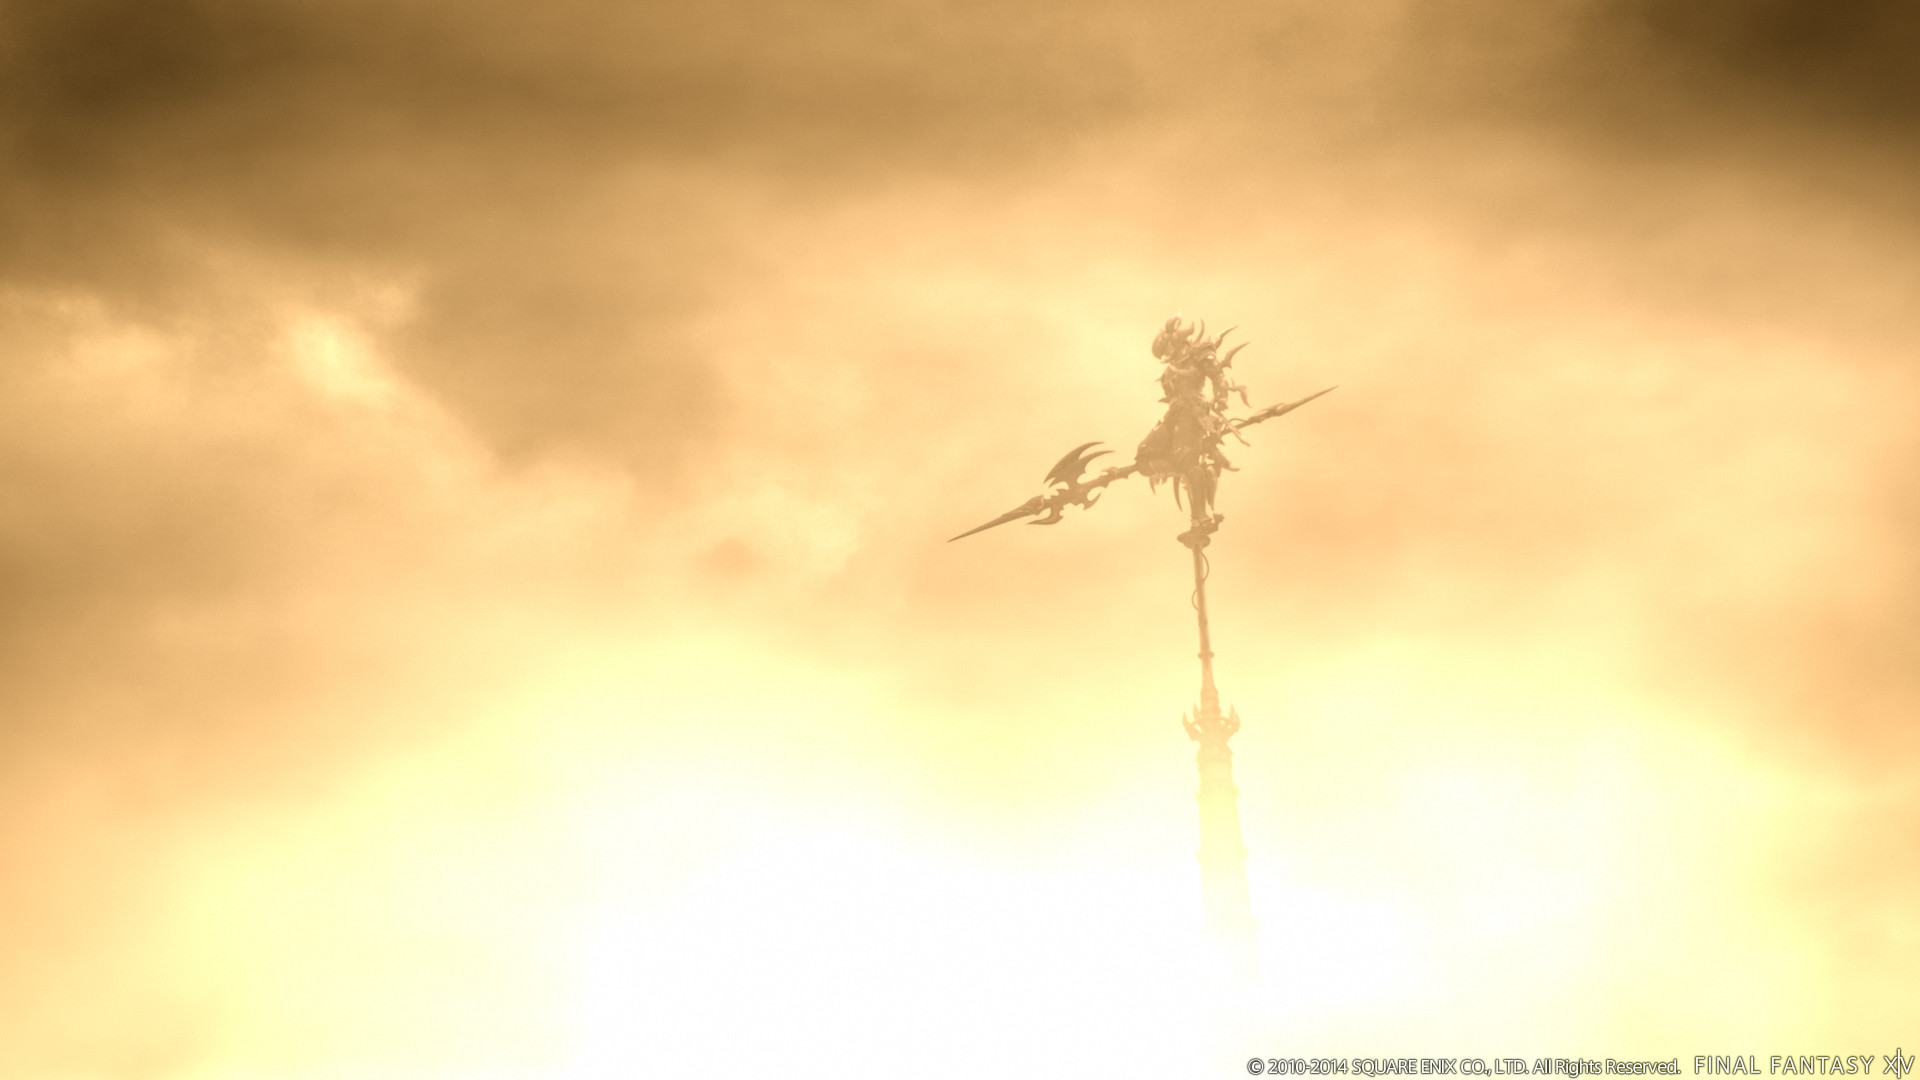 Final Fantasy XIV: Heavensward Screenshots and Artwork